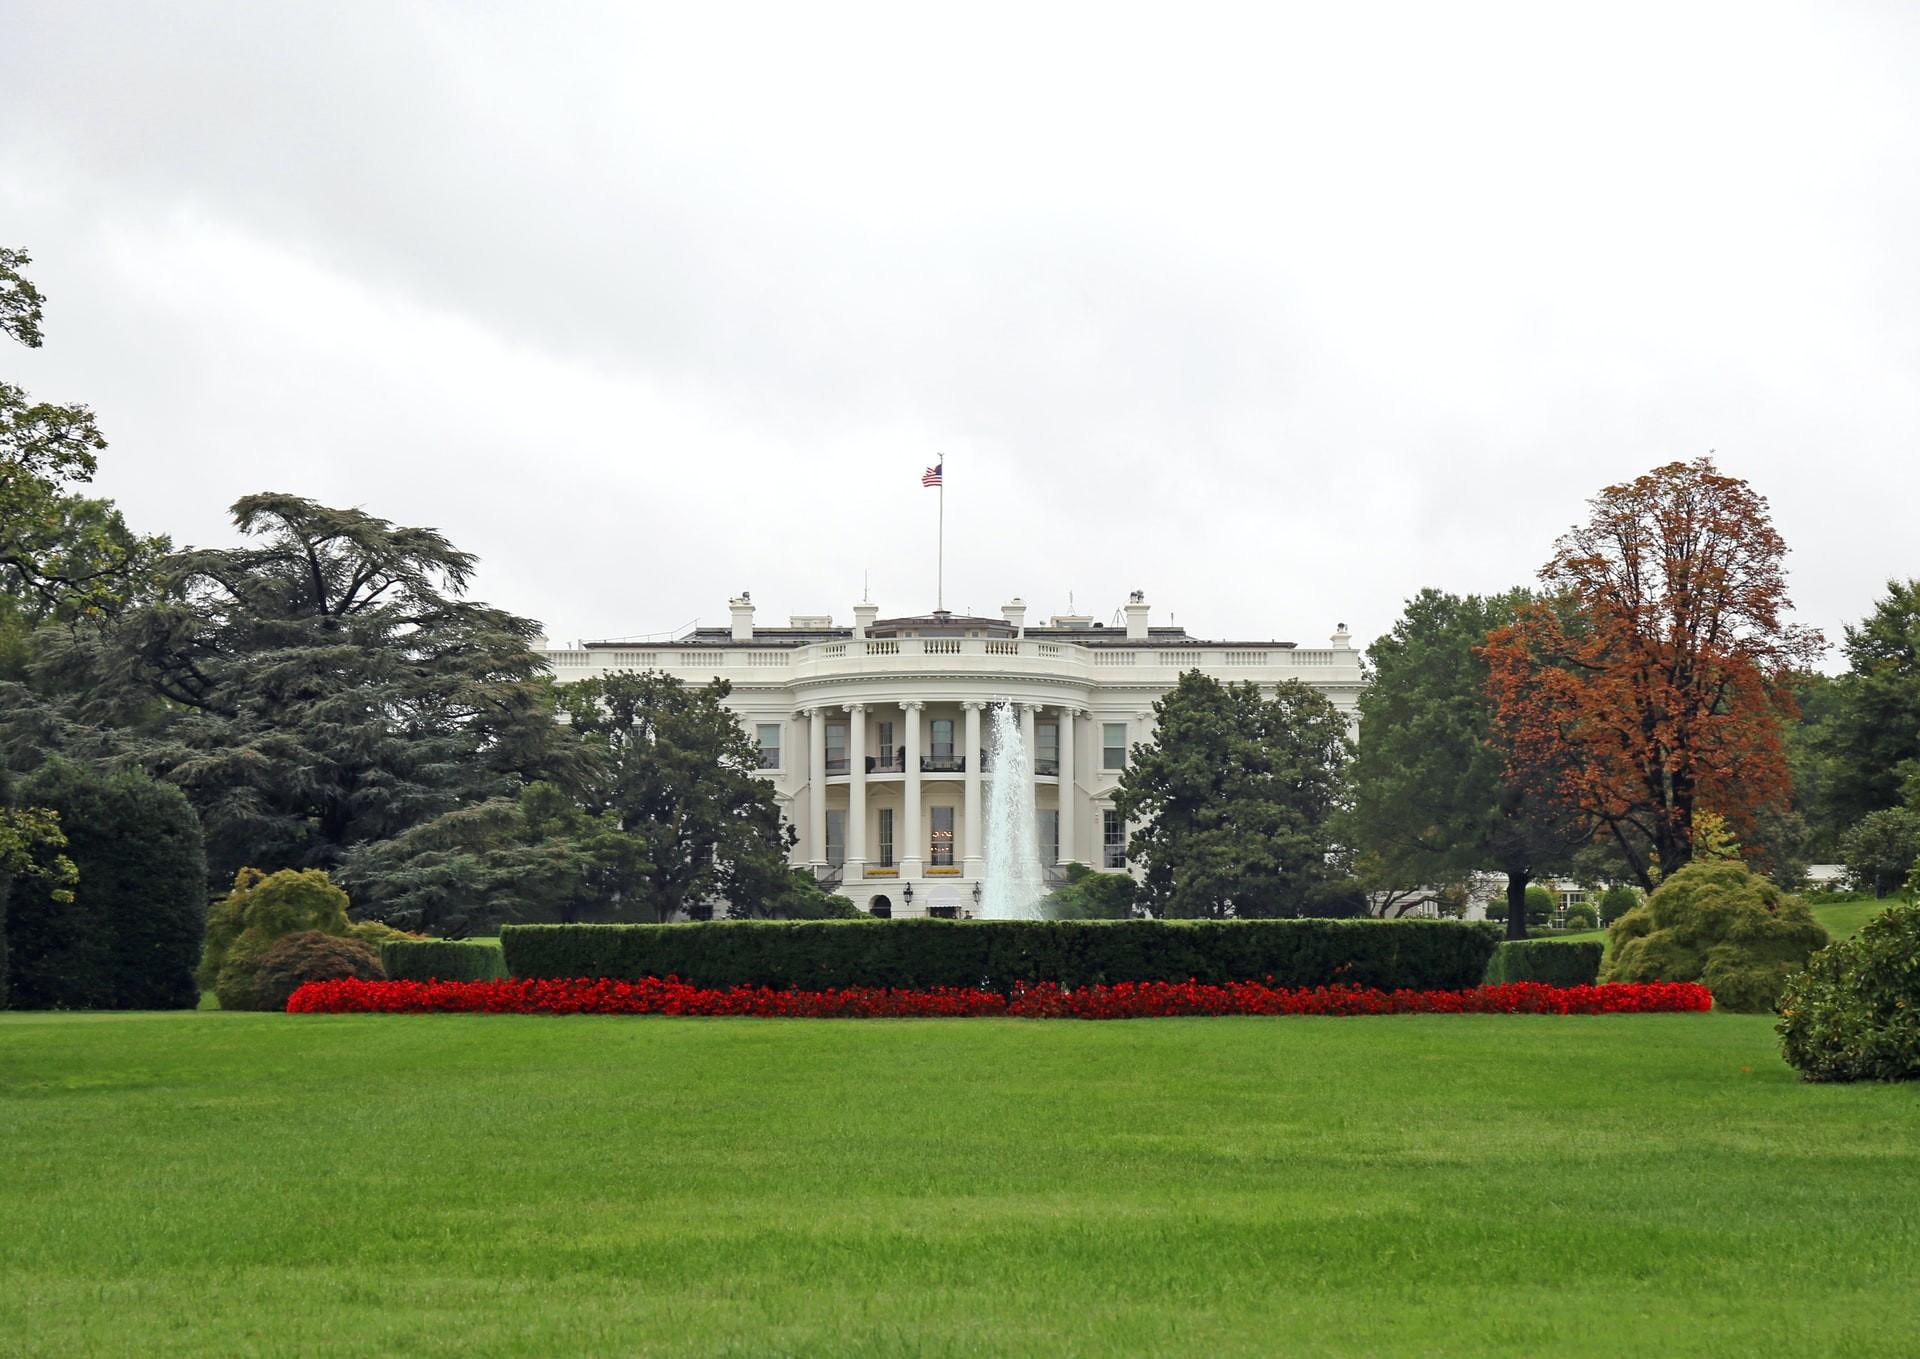 Take a virtual tour of the White House in Washington, D.C.